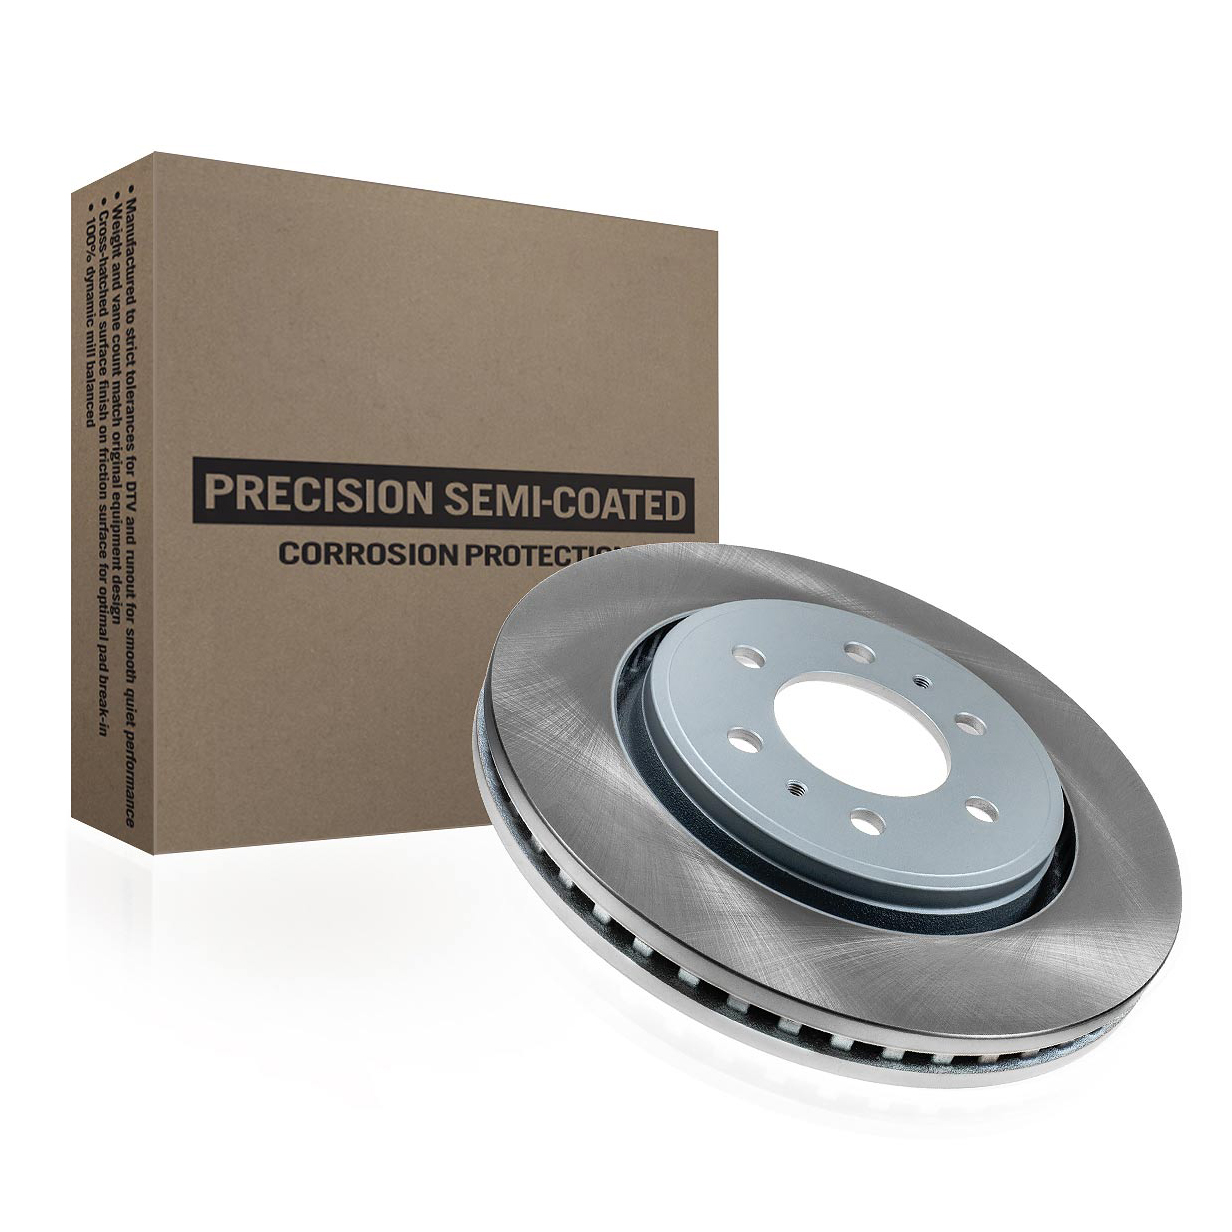 Precision Semi-Coated Rotor